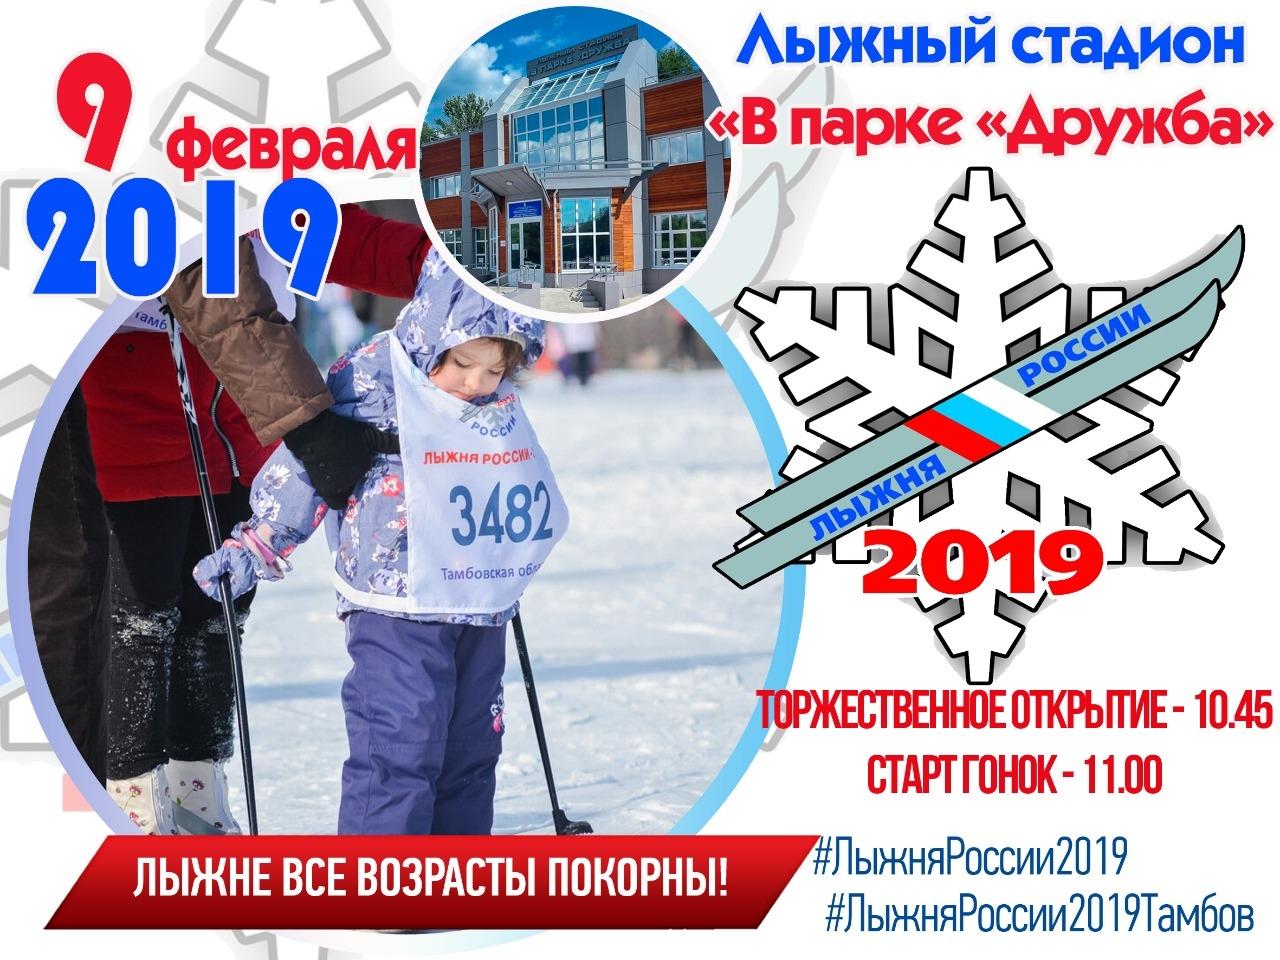 Всероссийская массовая лыжная гонка «Лыжня России – 2019»